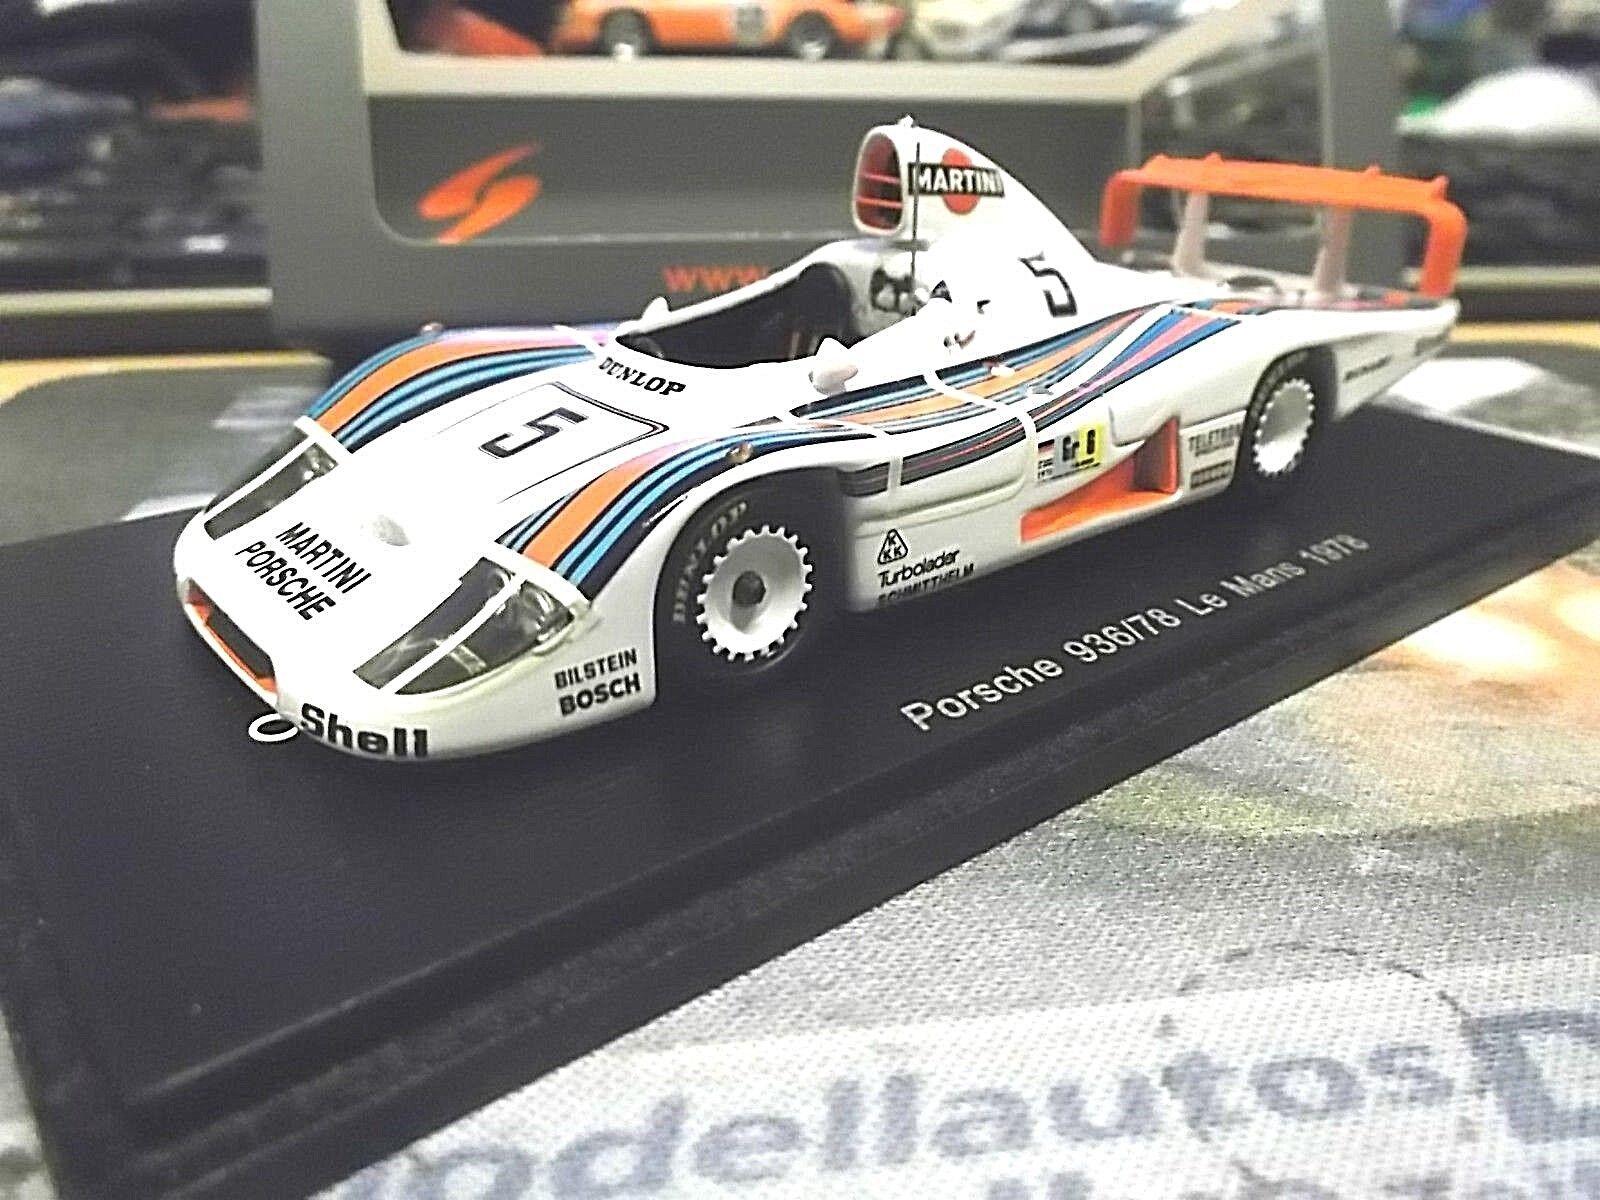 Porsche 936 81 le mans 1978 Martini pescarolo mass Ickx resin Spark 1 43